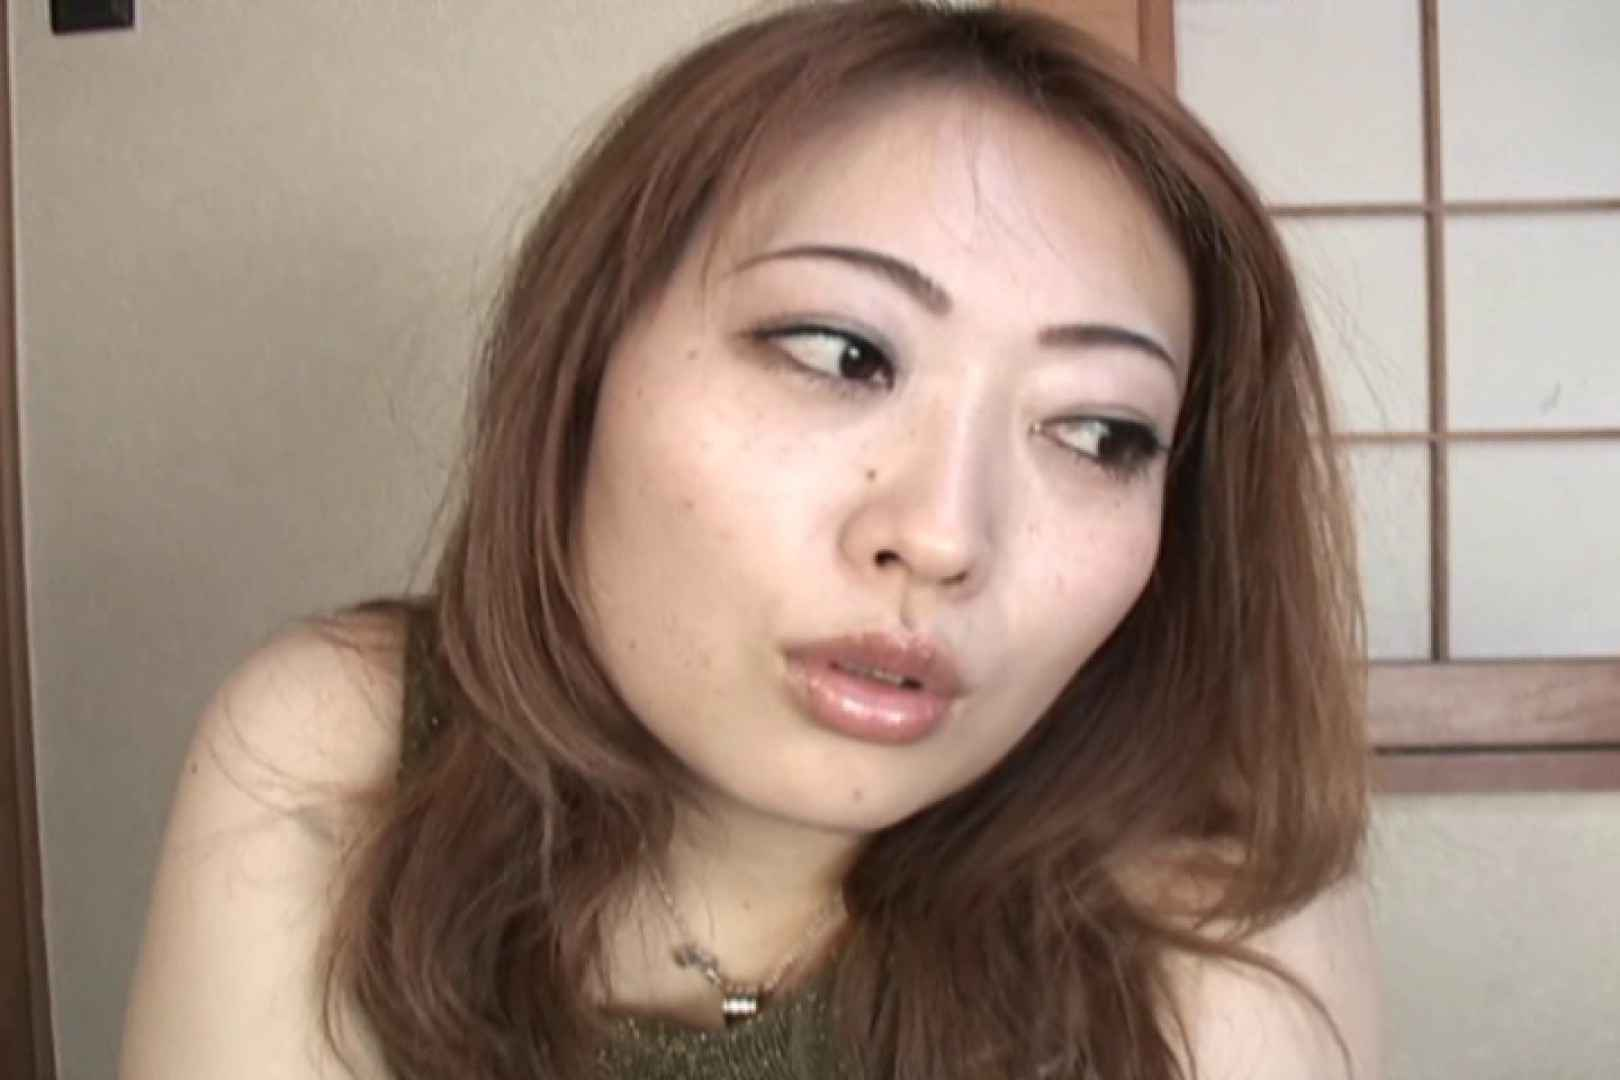 仕事で月200本のチンポを相手する22歳若人妻~桜井あい~ 熟女  22連発 21